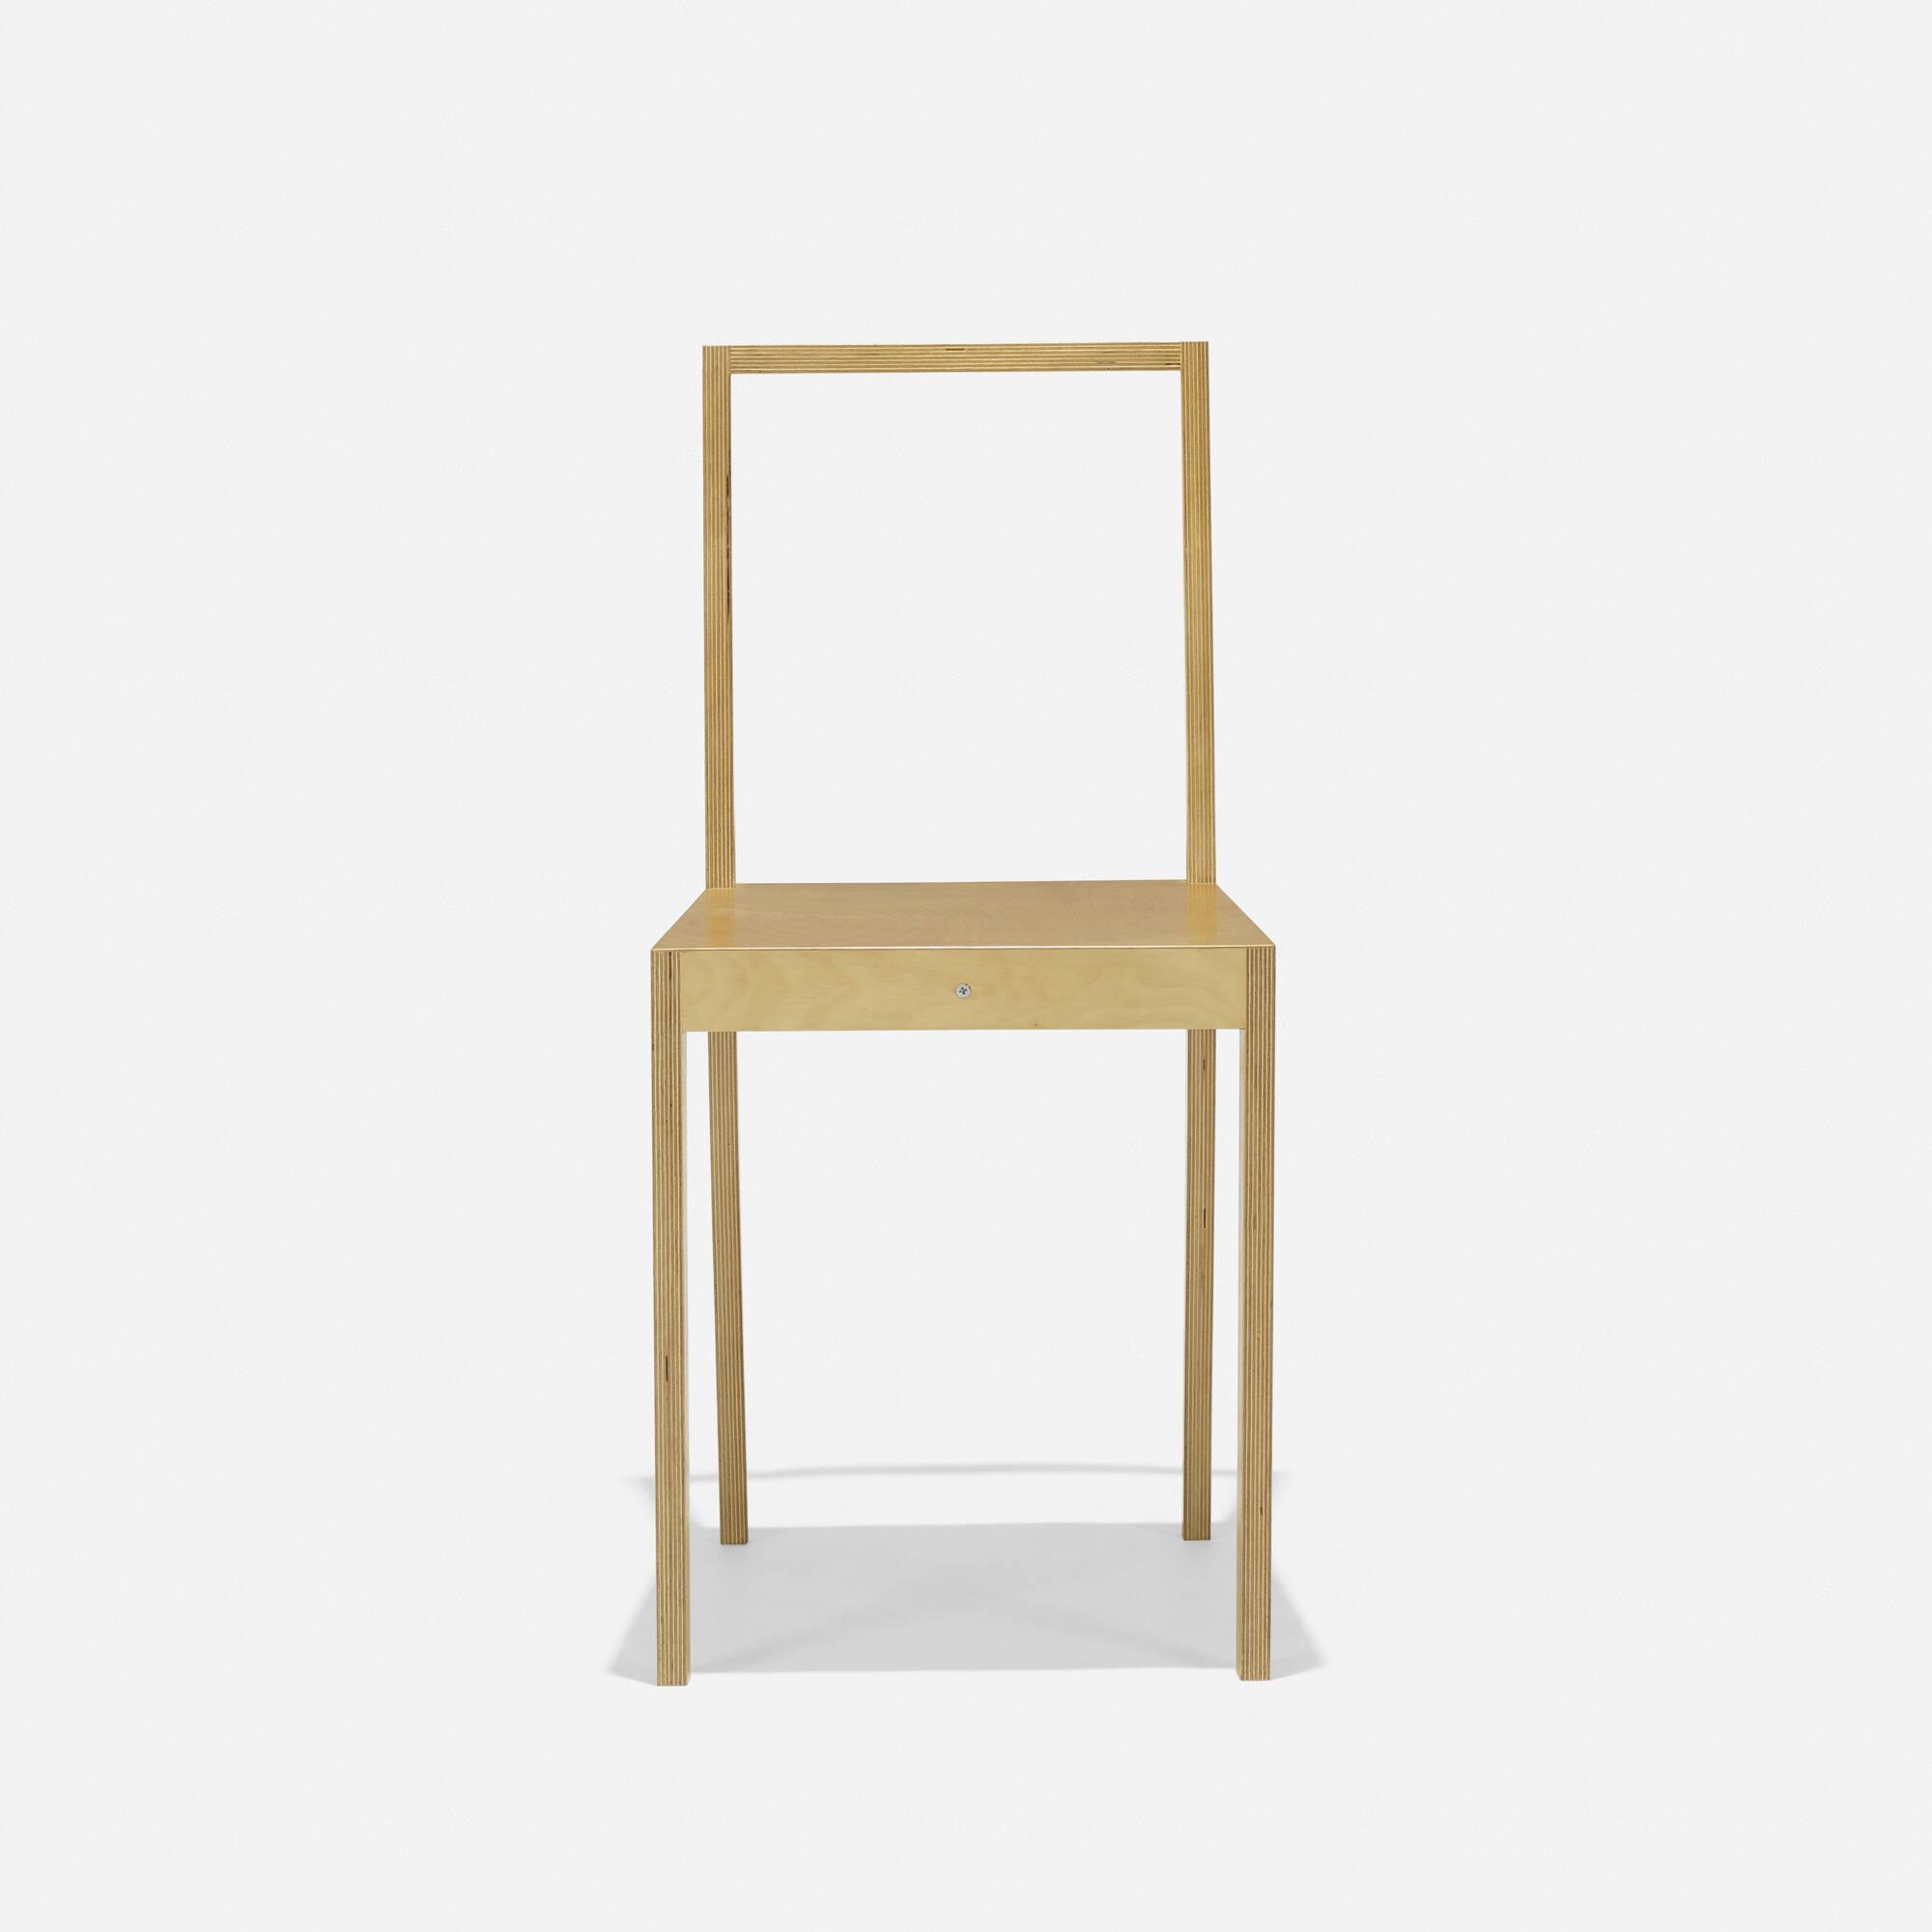 342: Jasper Morrison / Ply chair (2 of 4)